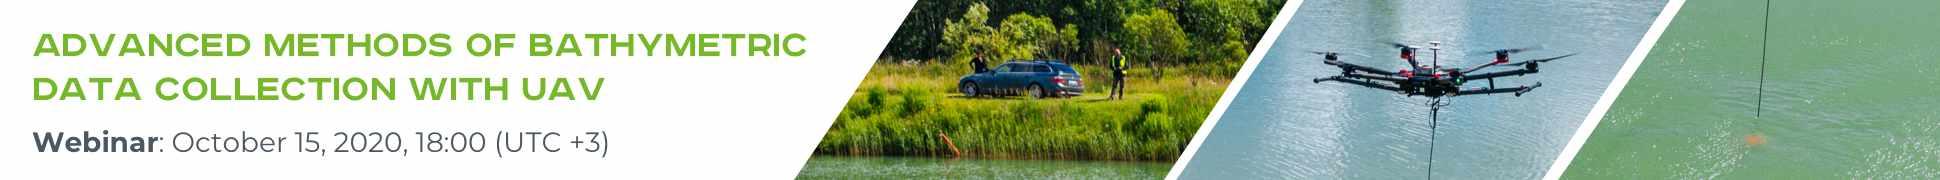 COMPÉTENCES SEXUELLES Le feu de la marina du lac Barkley détruit la jetée et 10 bateaux - The Waterways Journal